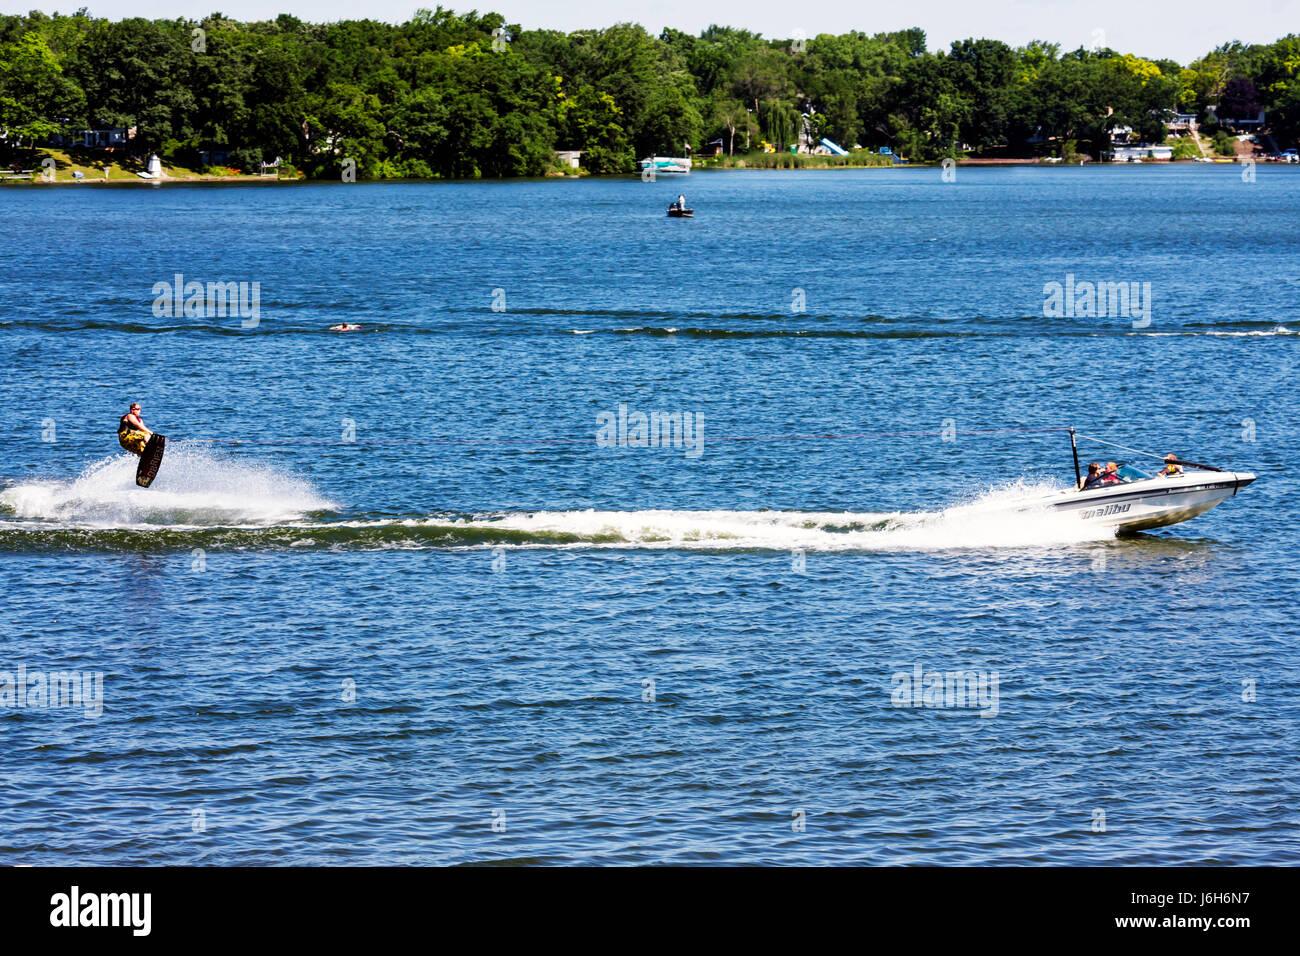 Wisconsin Kenosha Paddock Lake Old Settlers Park motor boat water skiing skier sport recreation speed fun lake - Stock Image